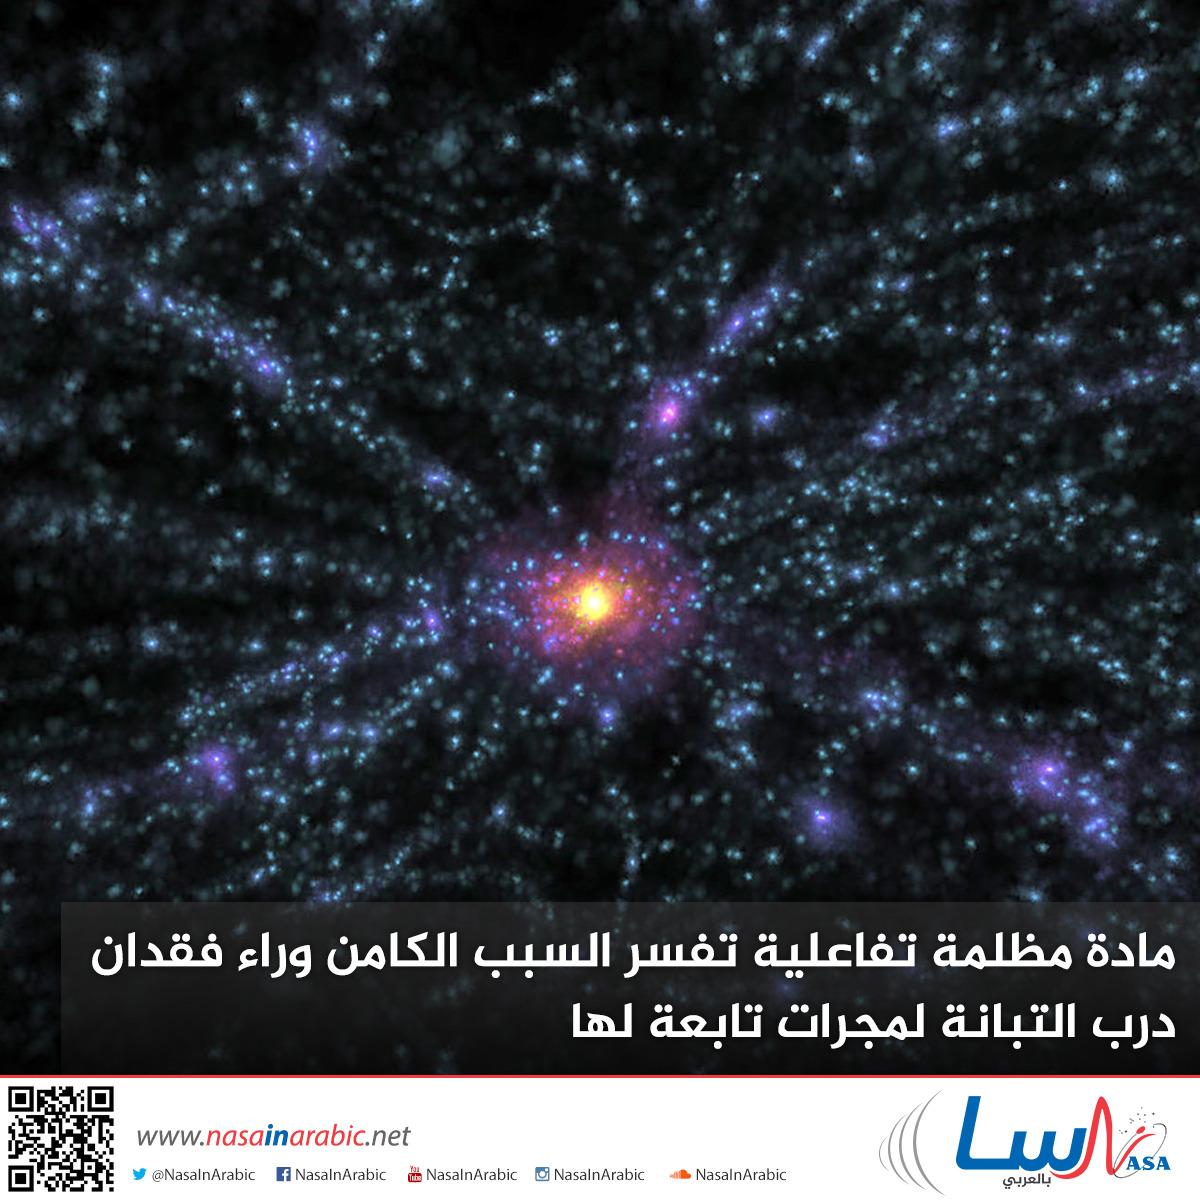 مادة مظلمة تفاعلية تفسر السبب الكامن وراء فقدان درب التبانة لمجرات تابعة لها